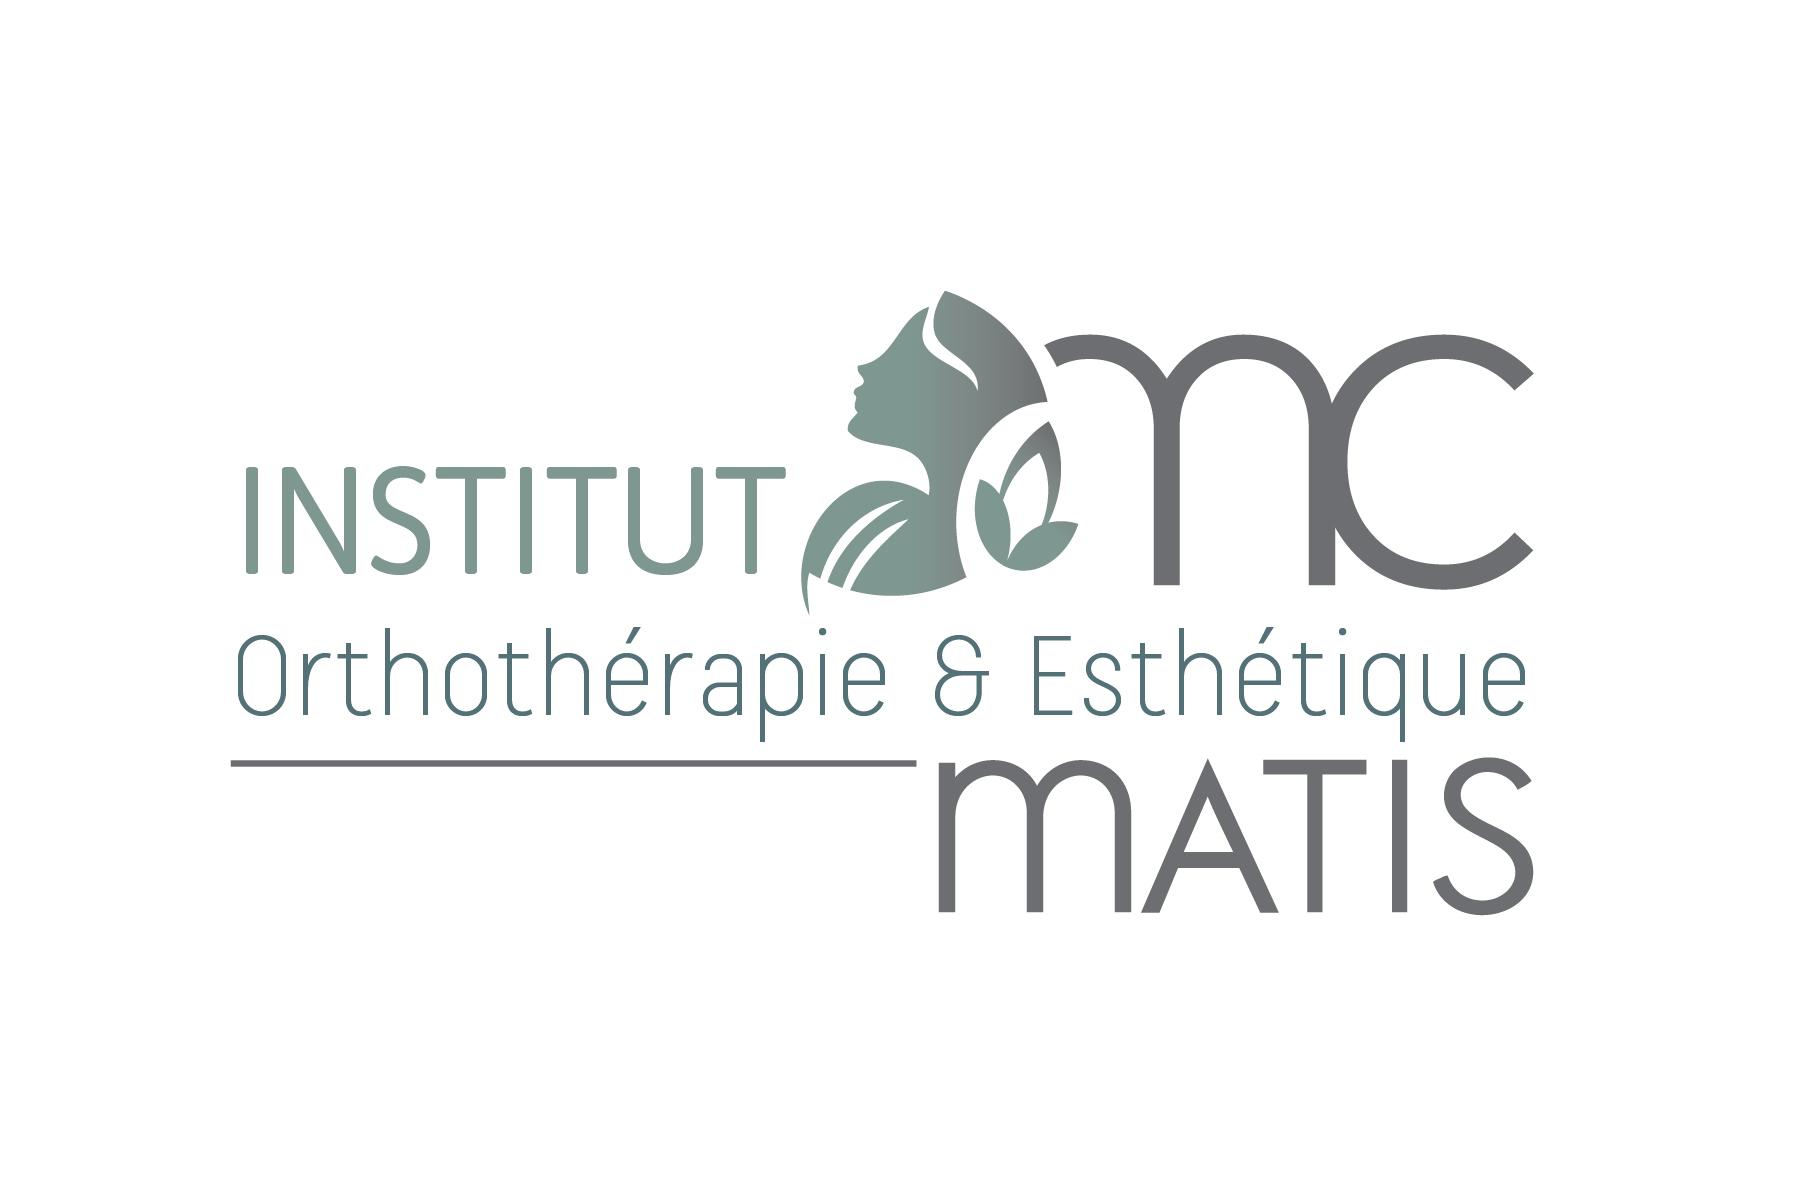 Institut Matis Marianne Caux